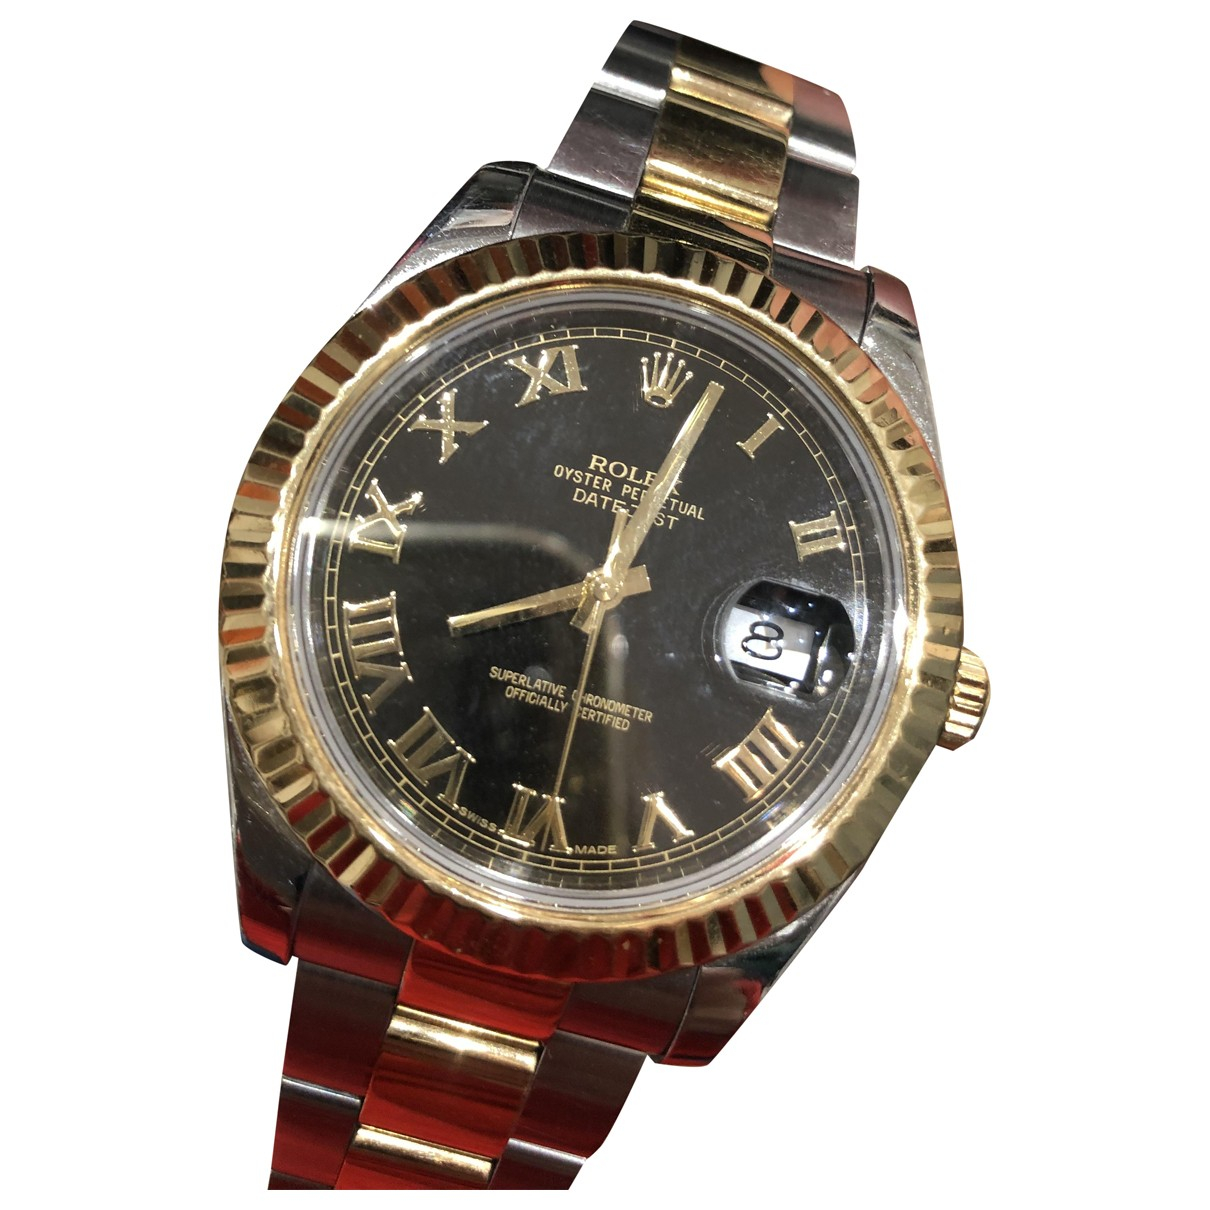 Rolex DateJust II 41mm Uhr in  Schwarz Gold und Stahl